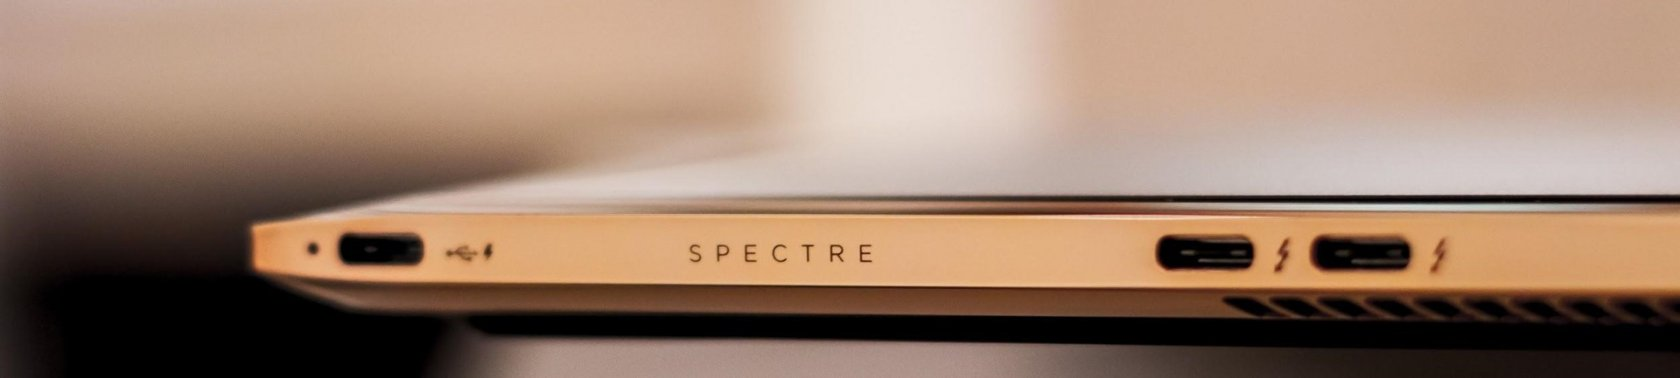 Технологии и дизайн в одном устройстве. Ноутбук HP Spectre 13 - 31